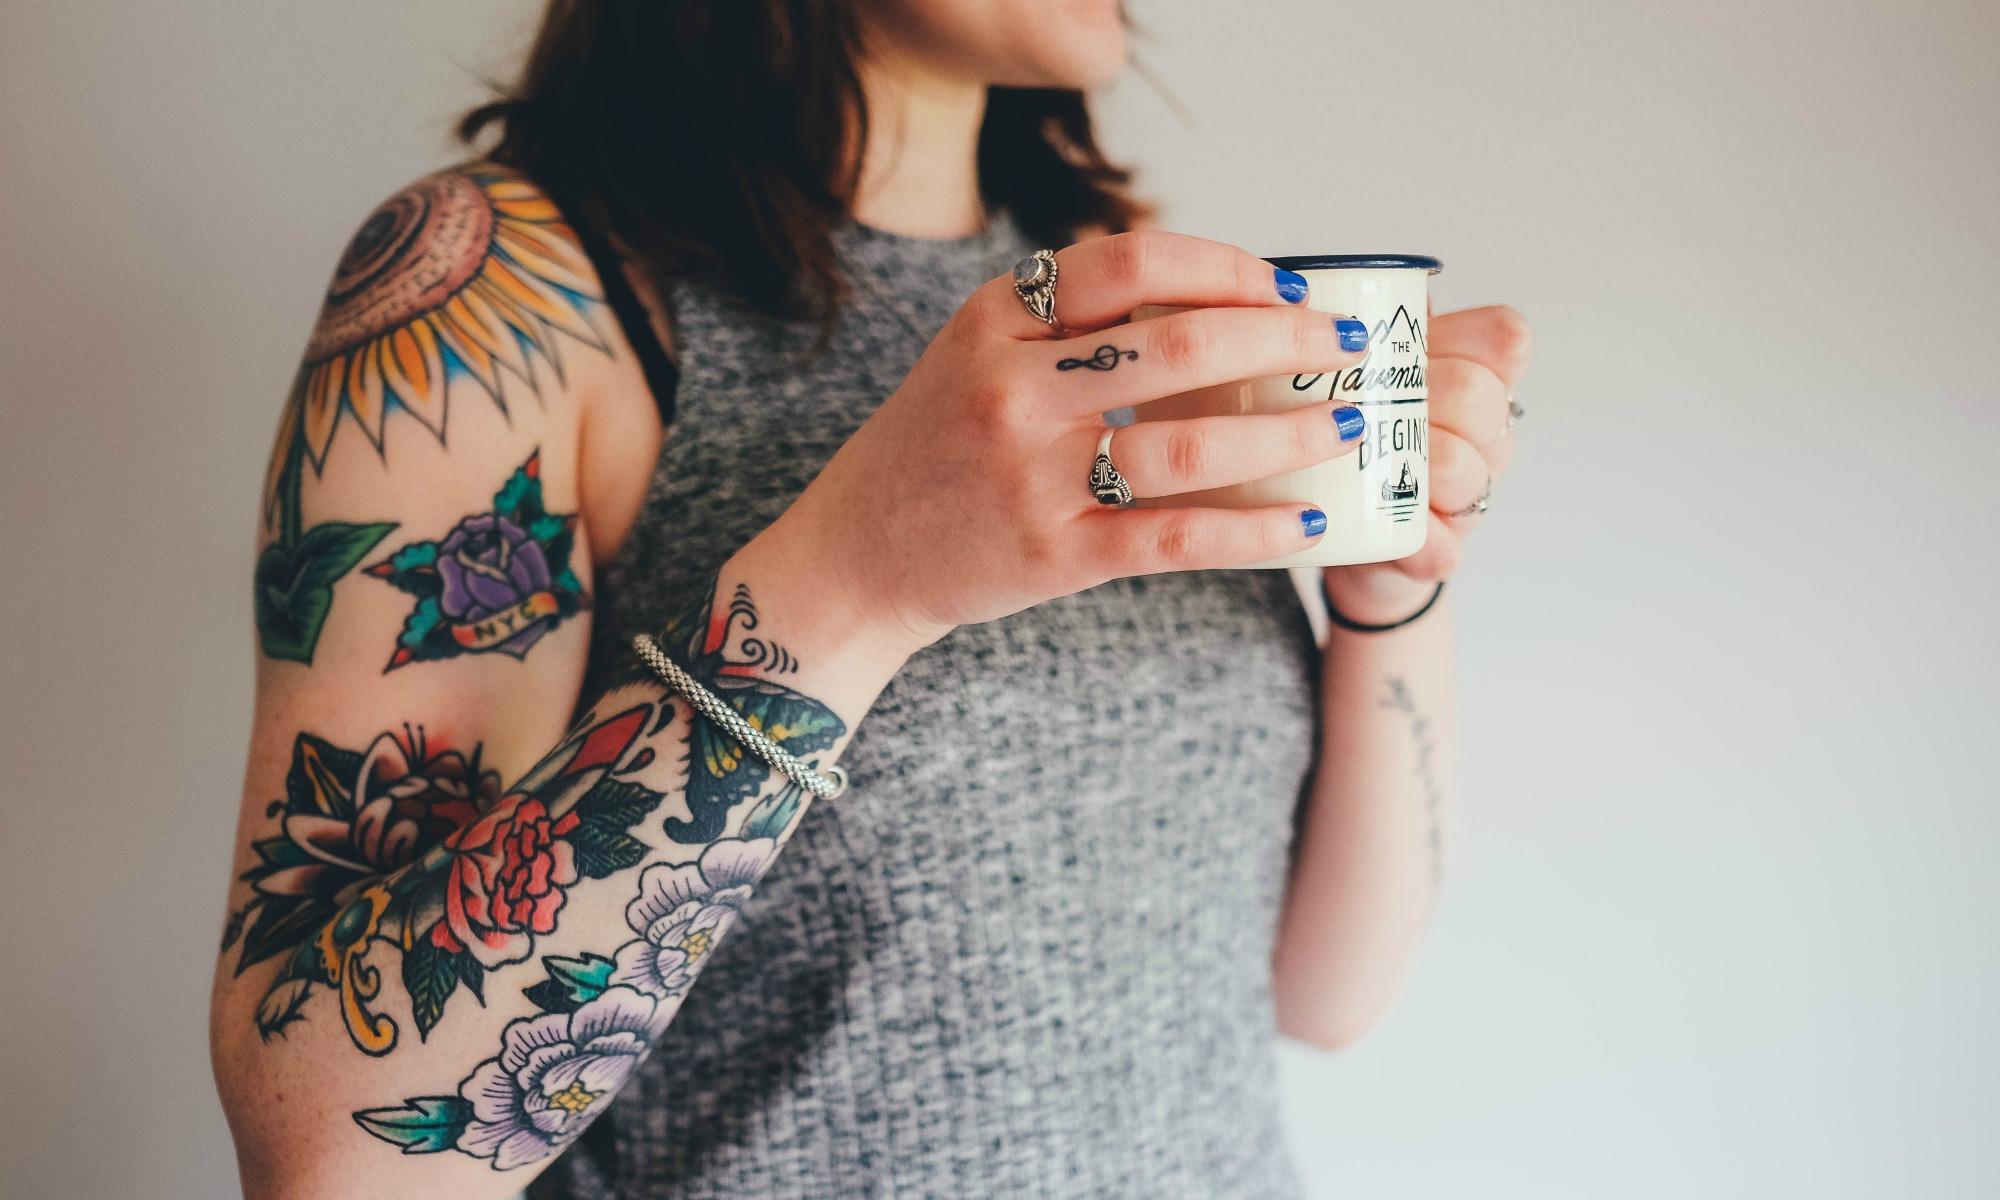 Tatuatii ok la angajare